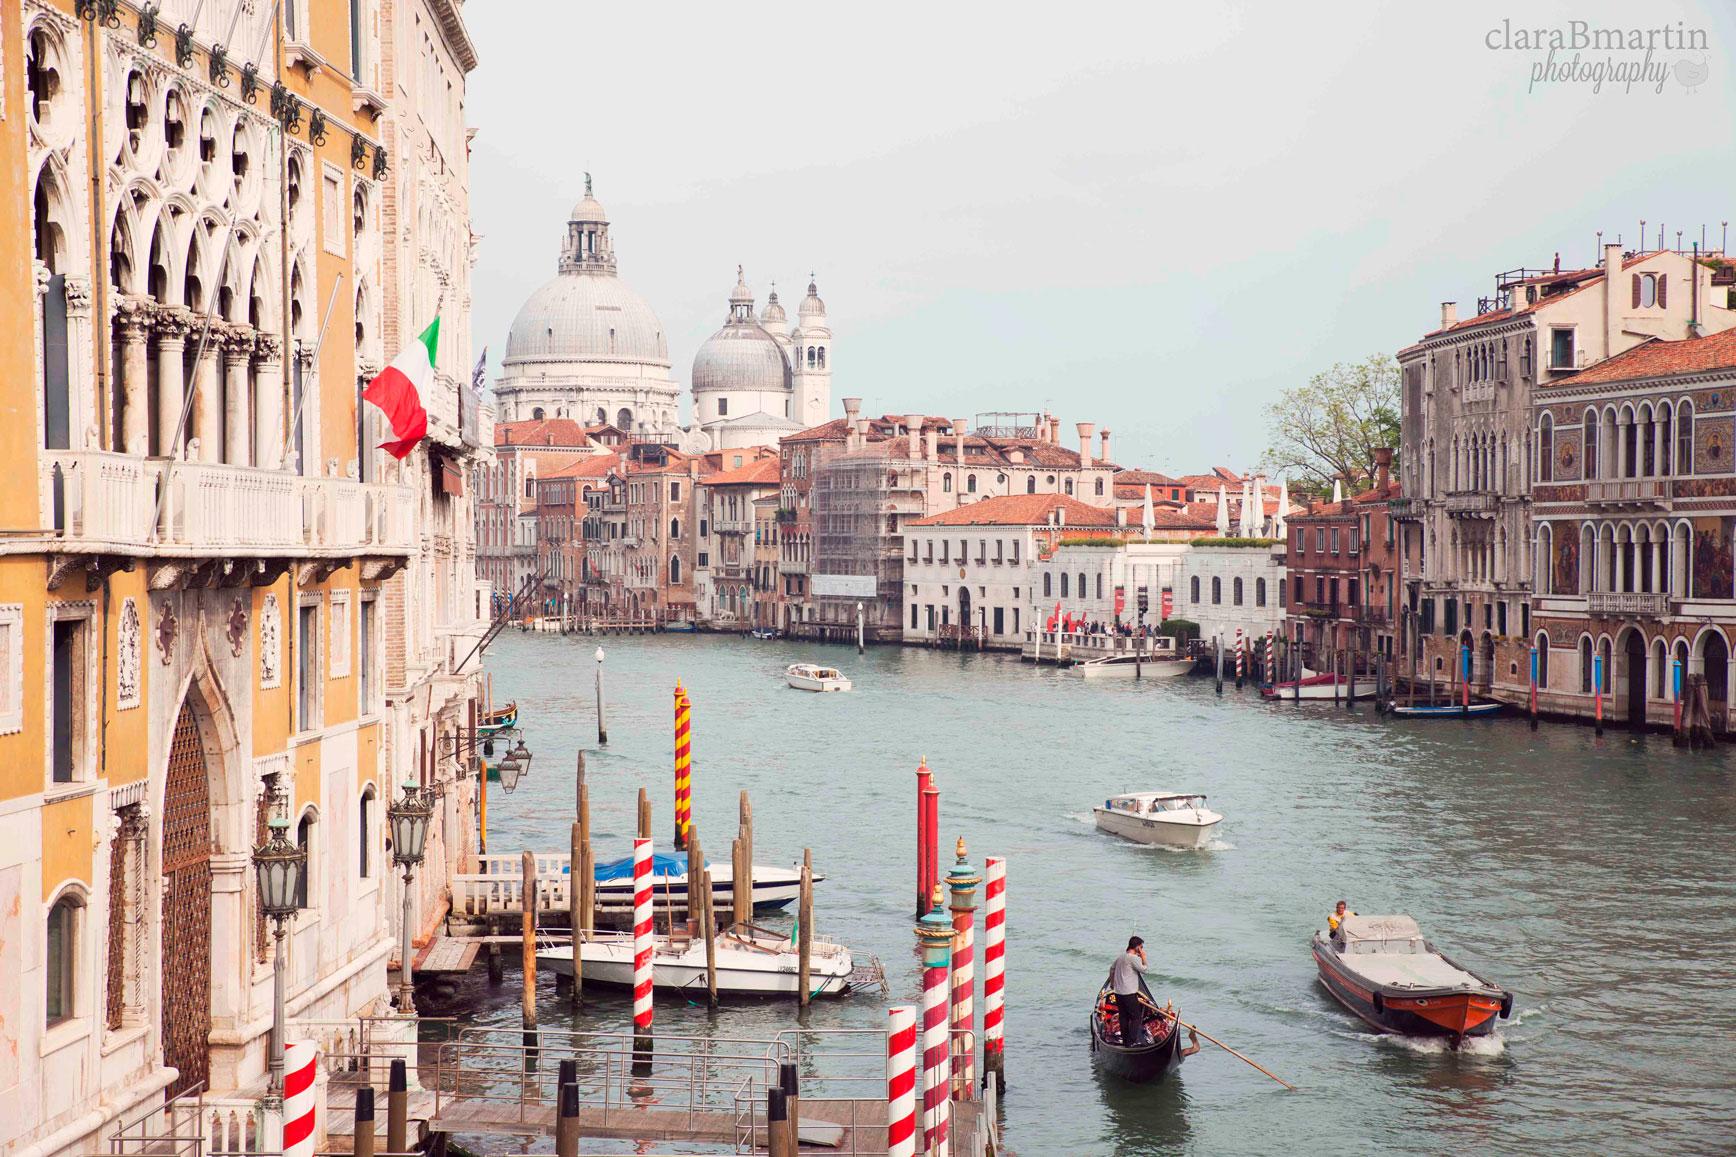 Venecia_claraBmartin_21